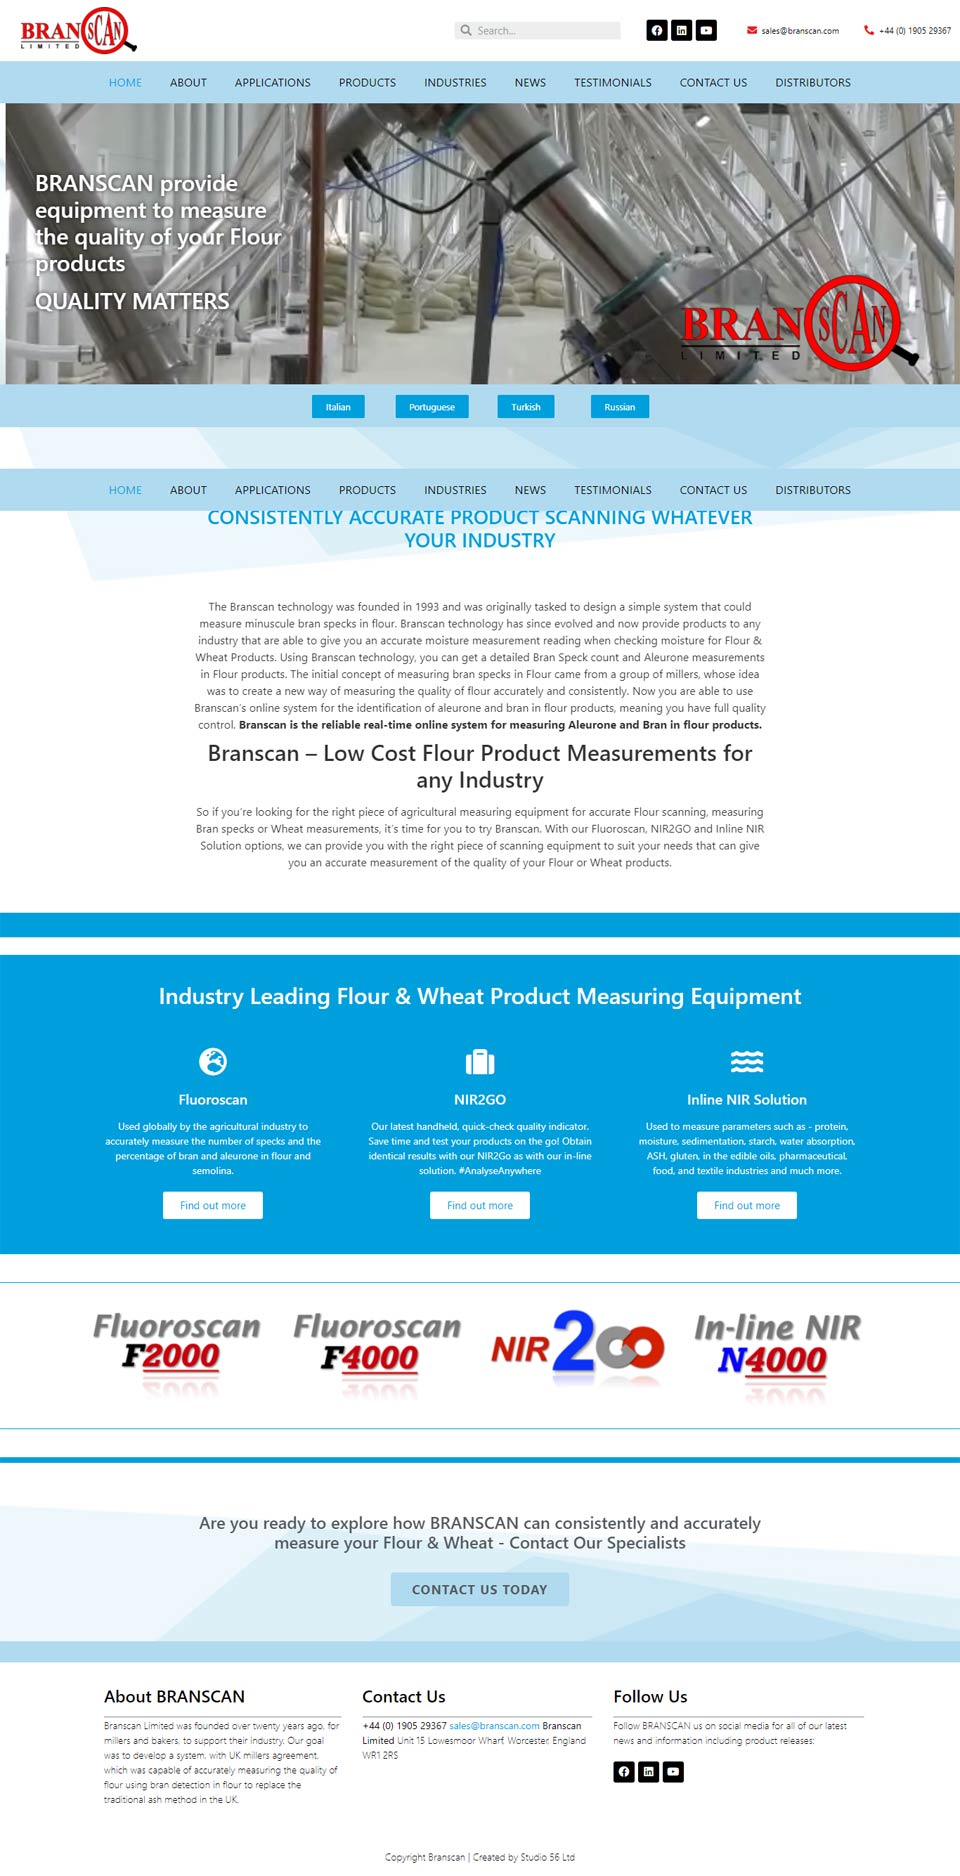 Branscan New Website Design